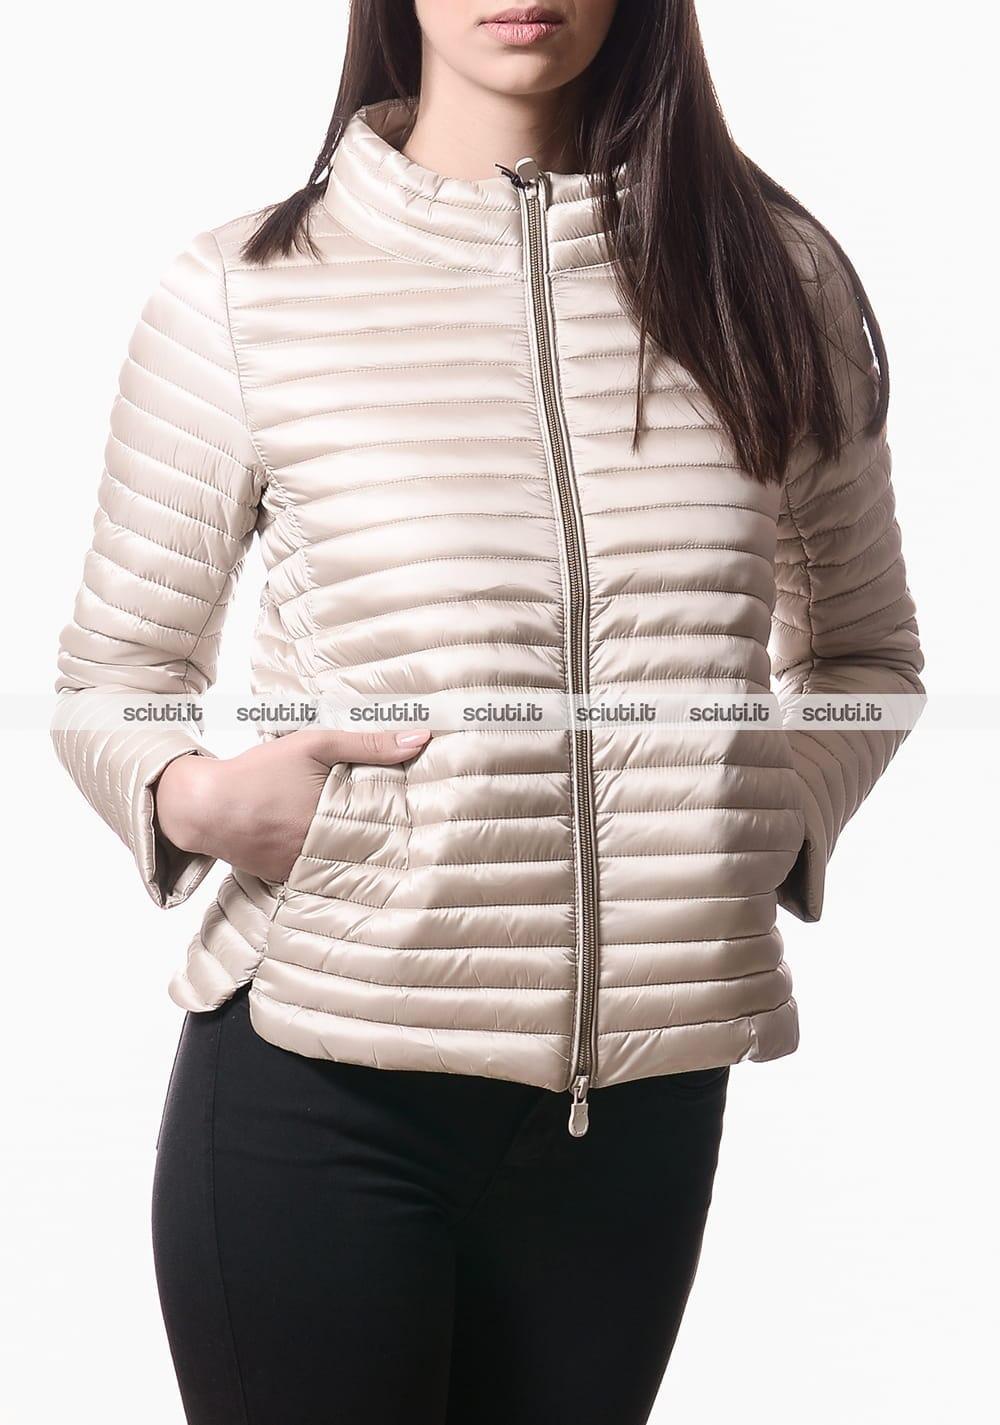 cheap for discount 5e0da 85a92 Piumino Save the duck donna senza cappuccio beige | Sciuti.it